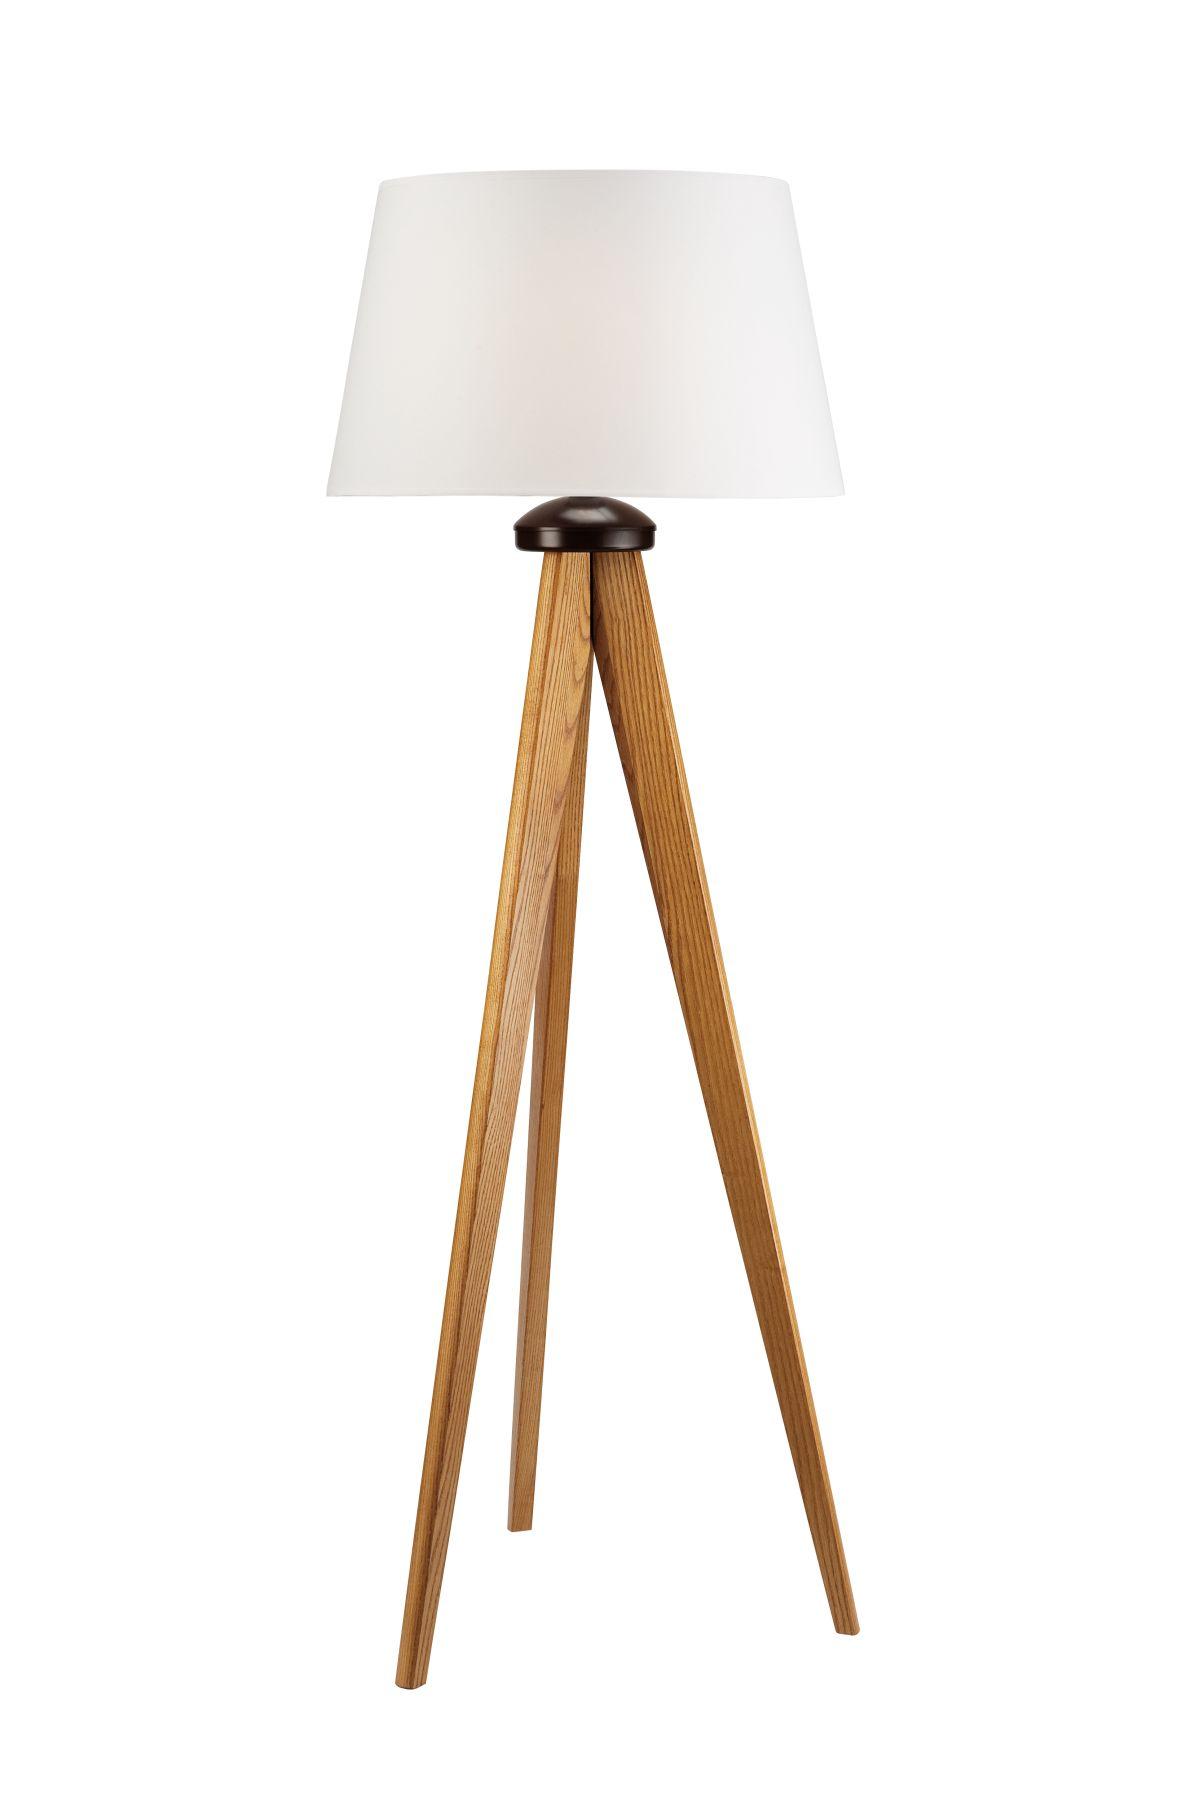 Stehleuchte Klein Holz Rustikal Wohnzimmer Lampe